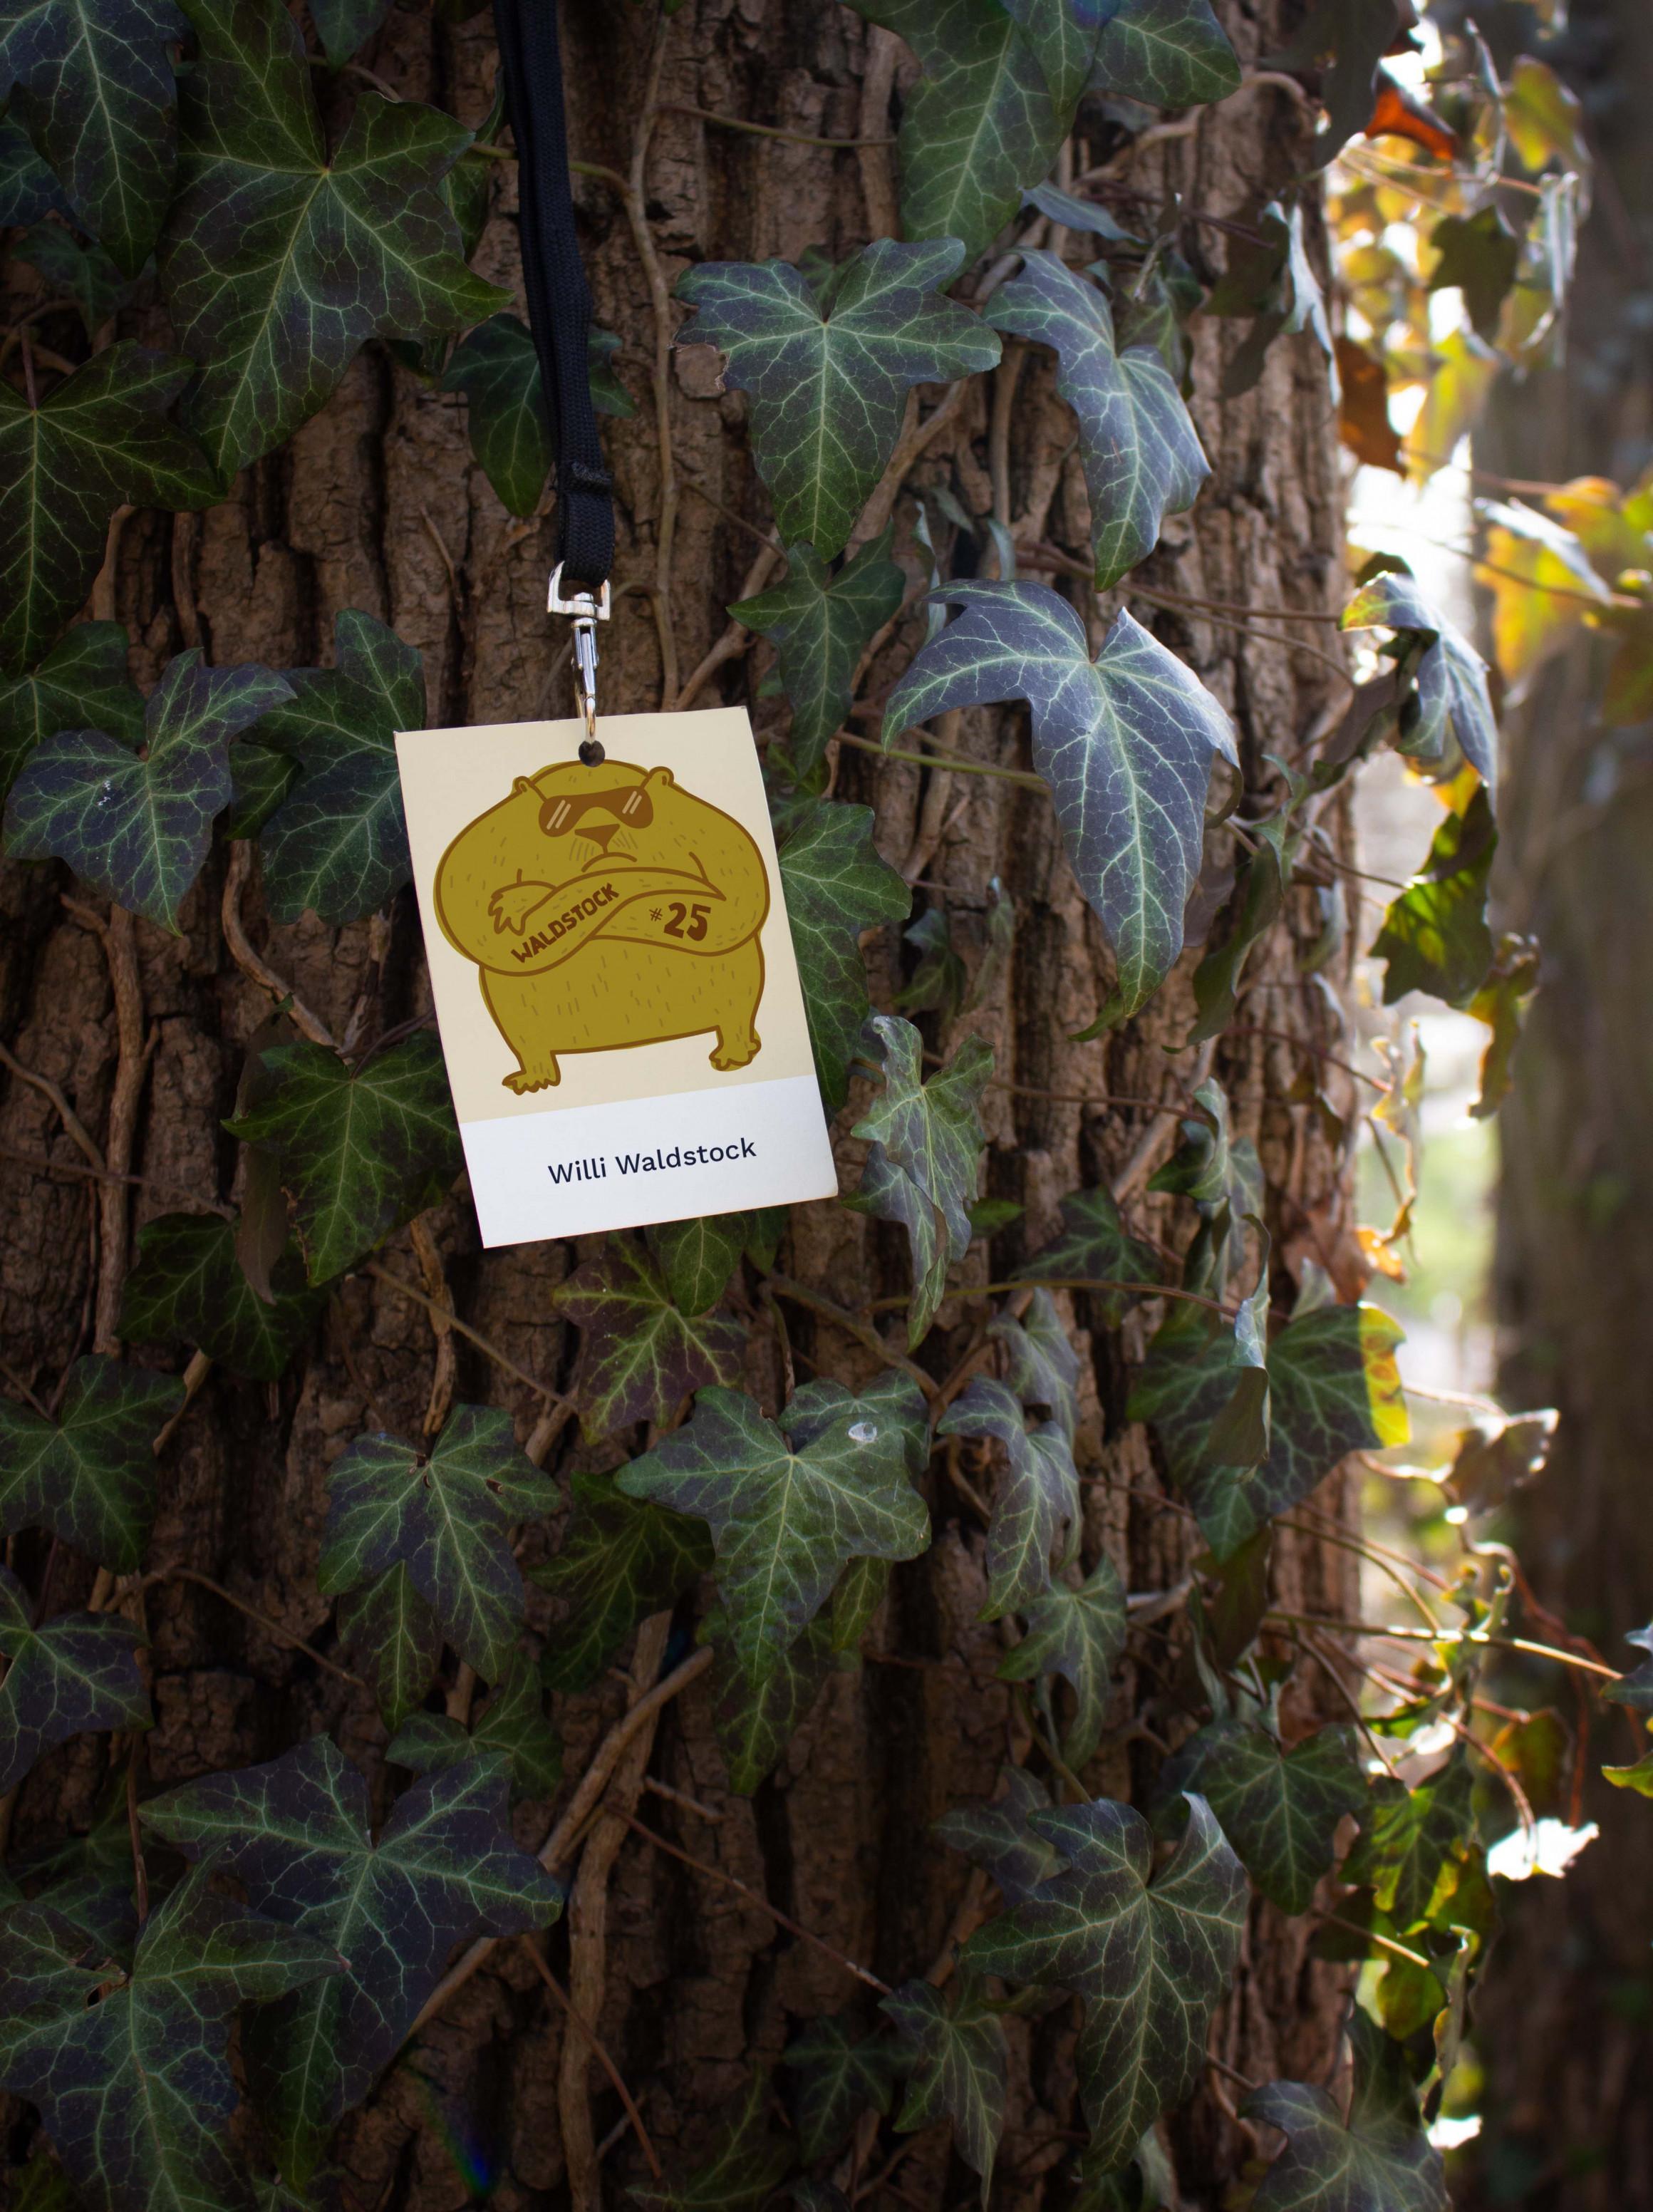 Backstage-Pass hängt an einem Baumstamm, der mit Efeu bewachsen ist. Auf dem Pass ist die Zeichnung eines dicken Bären, der das Waldstock-Logo auf den Unterarm tätowiert hat.